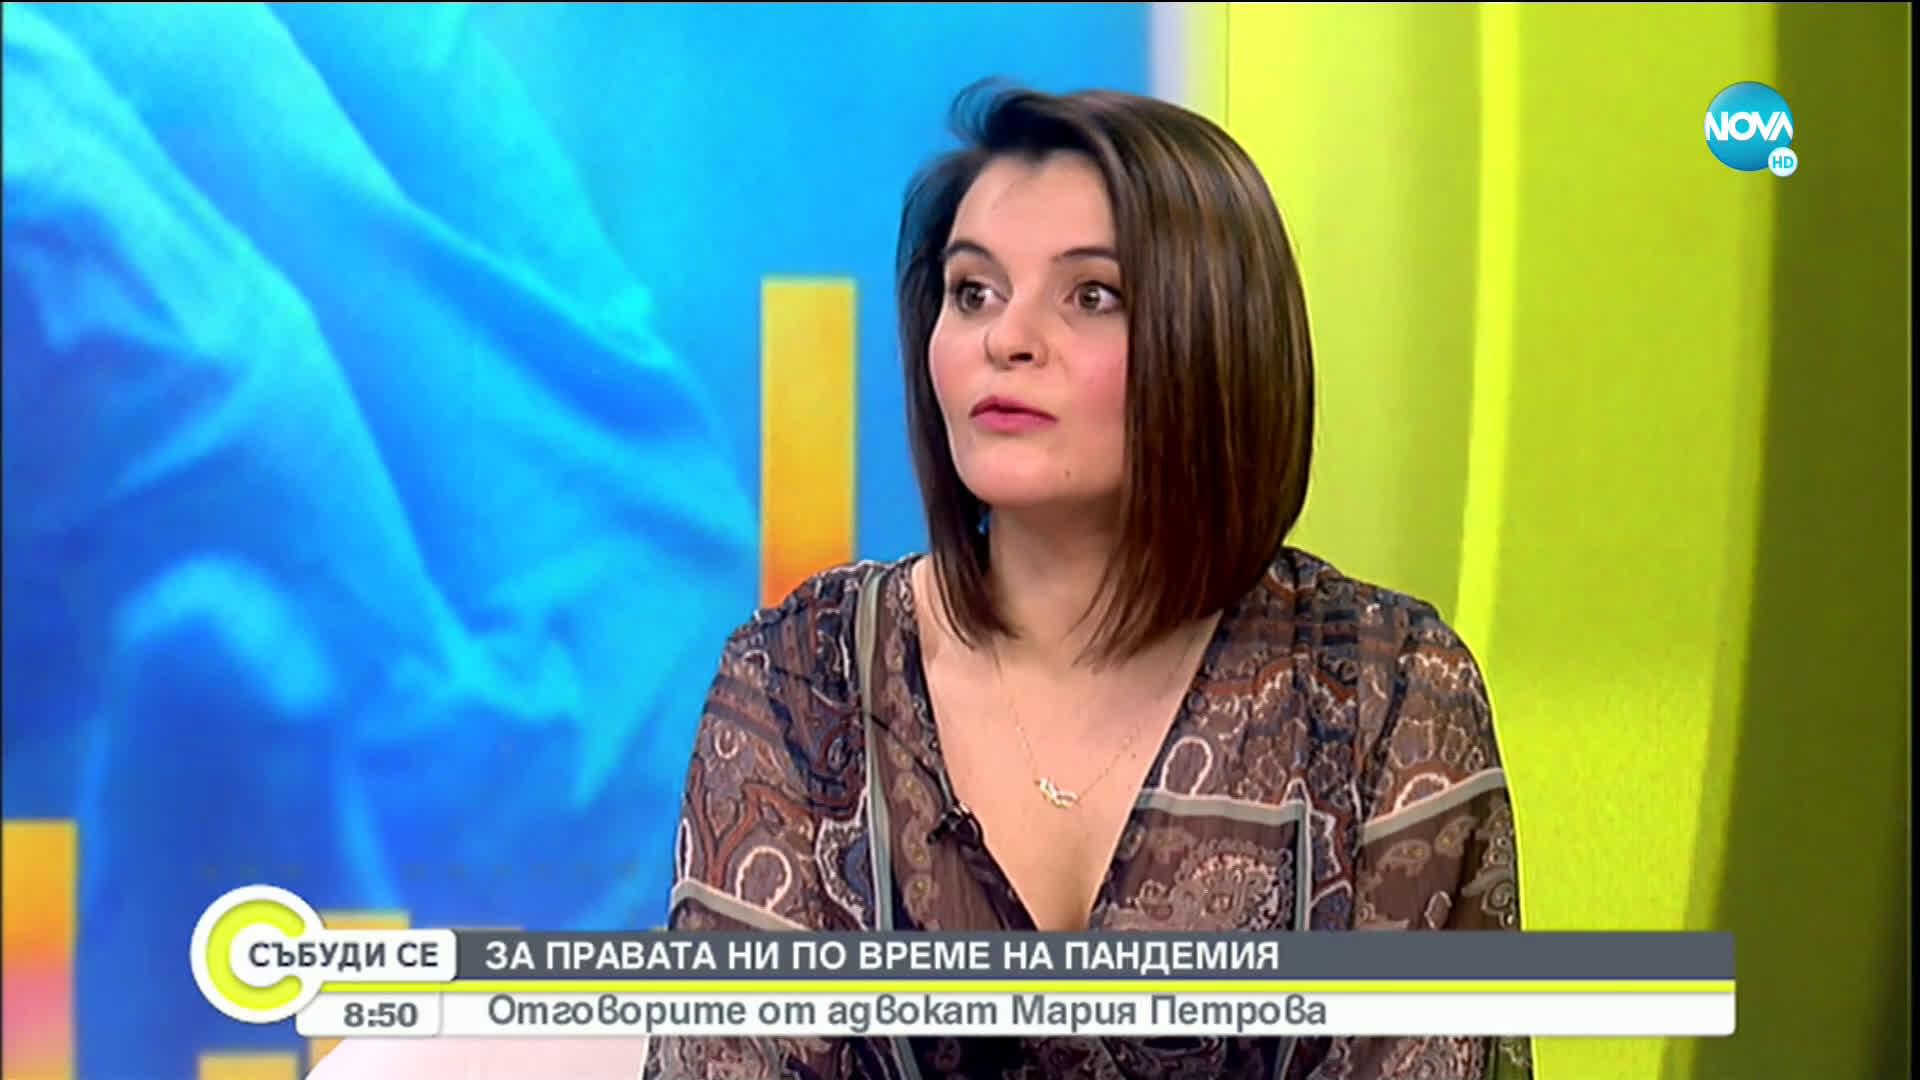 ПРАВАТА НИ ПРИ ПАНДЕМИЯ: Отговорите от адвокат Мария Петрова